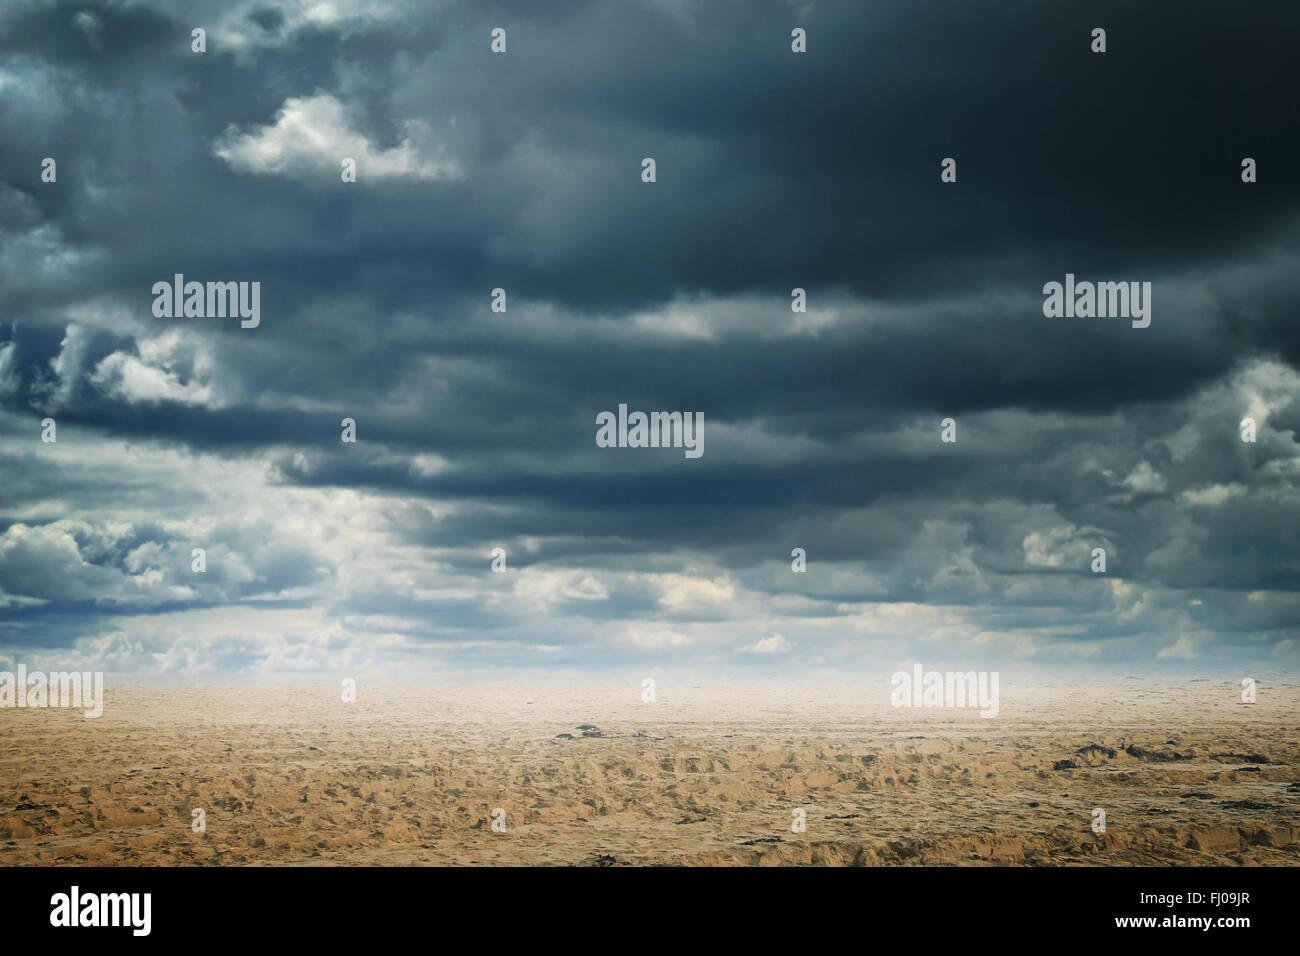 Zusammenfassung Hintergrund eine Sandwüste mit dramatischen Wolkengebilde Stockbild